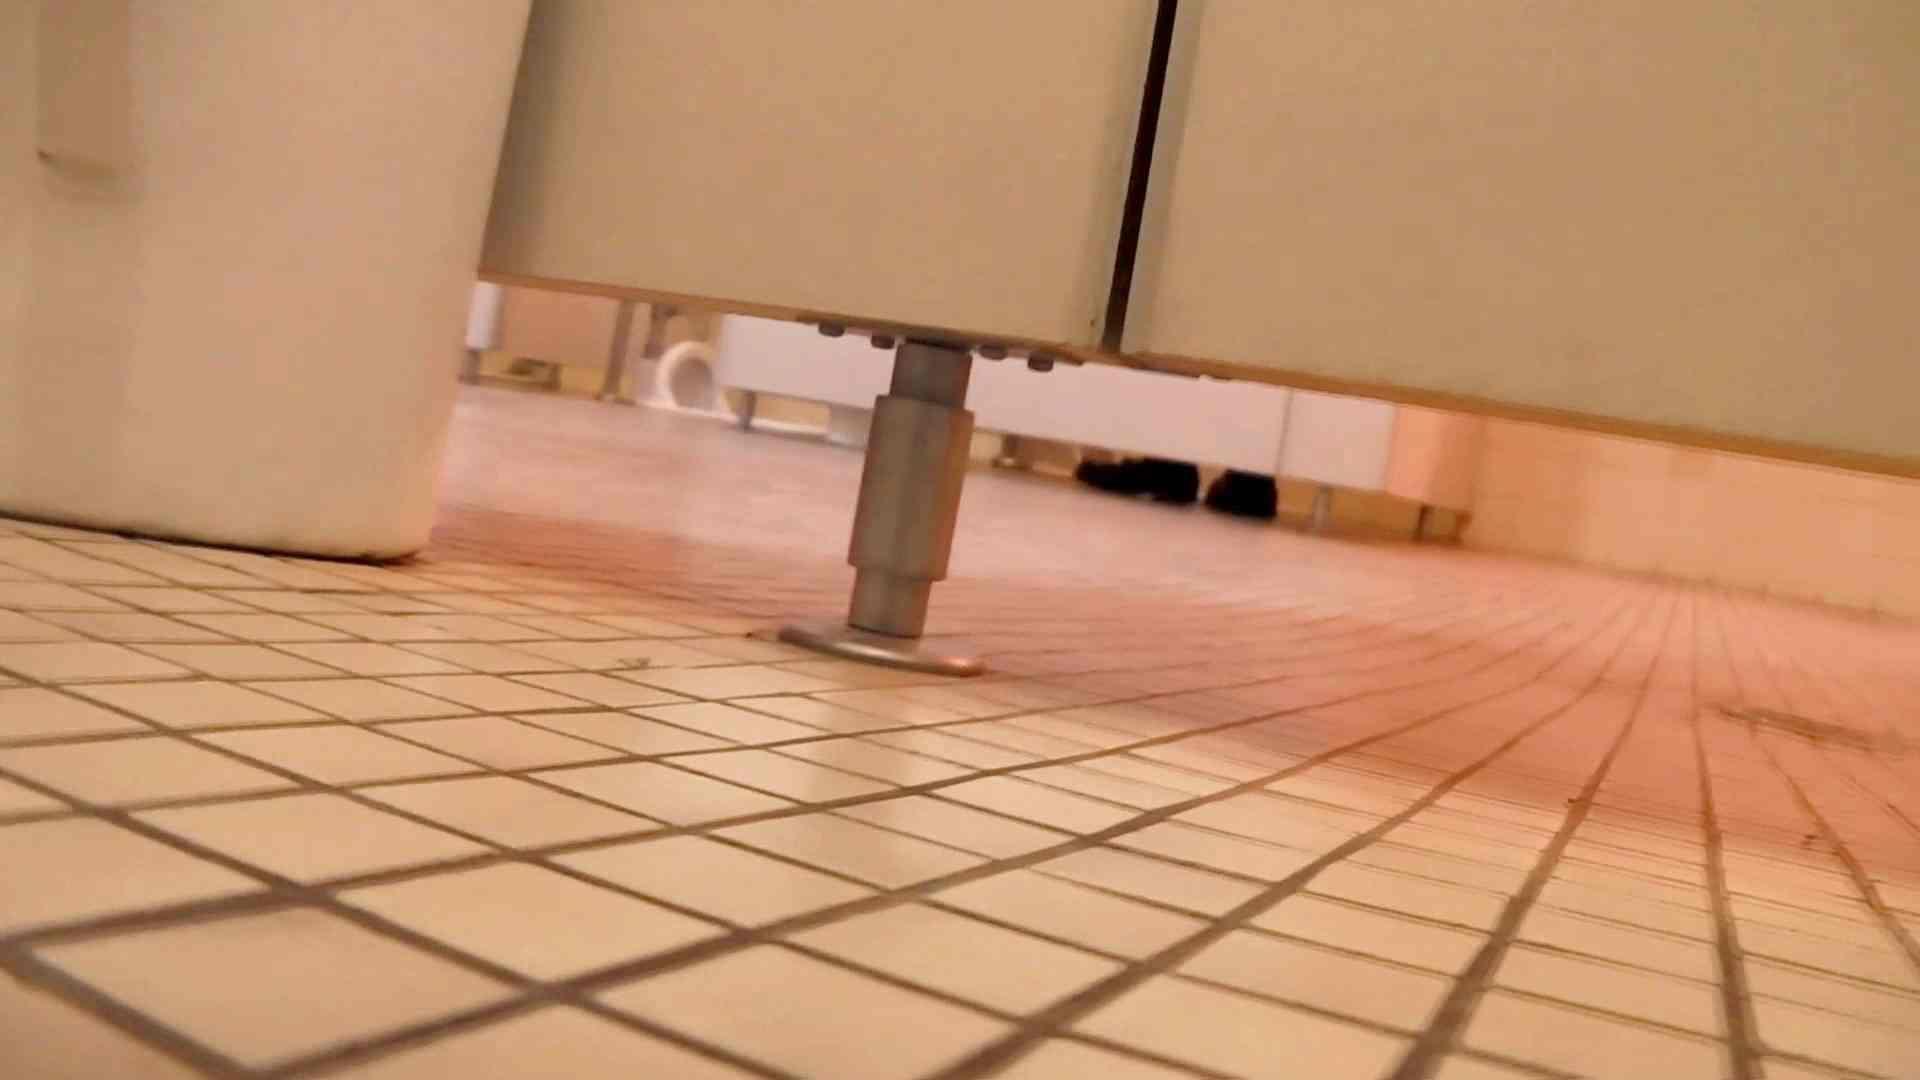 第三体育館潜入撮 File17 大・小・その他色々、ぎっしり詰まった一本 体育館で スケベ動画紹介 97画像 47